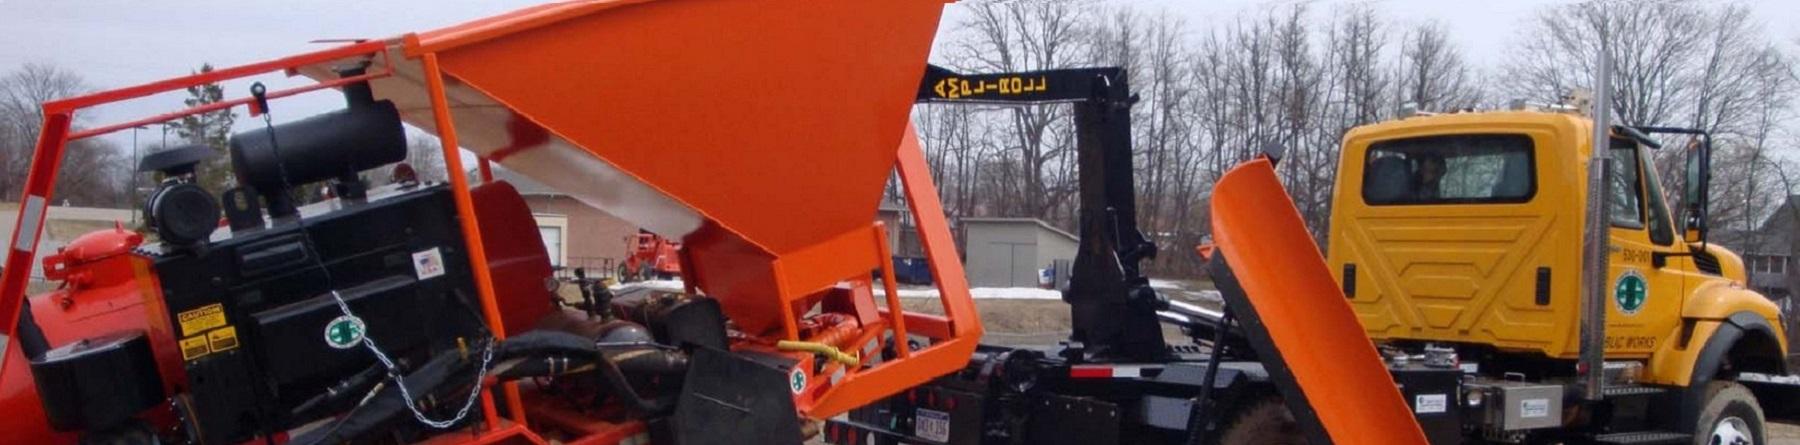 Dump Bed Semi Truck with Hopper & Pressure Unit